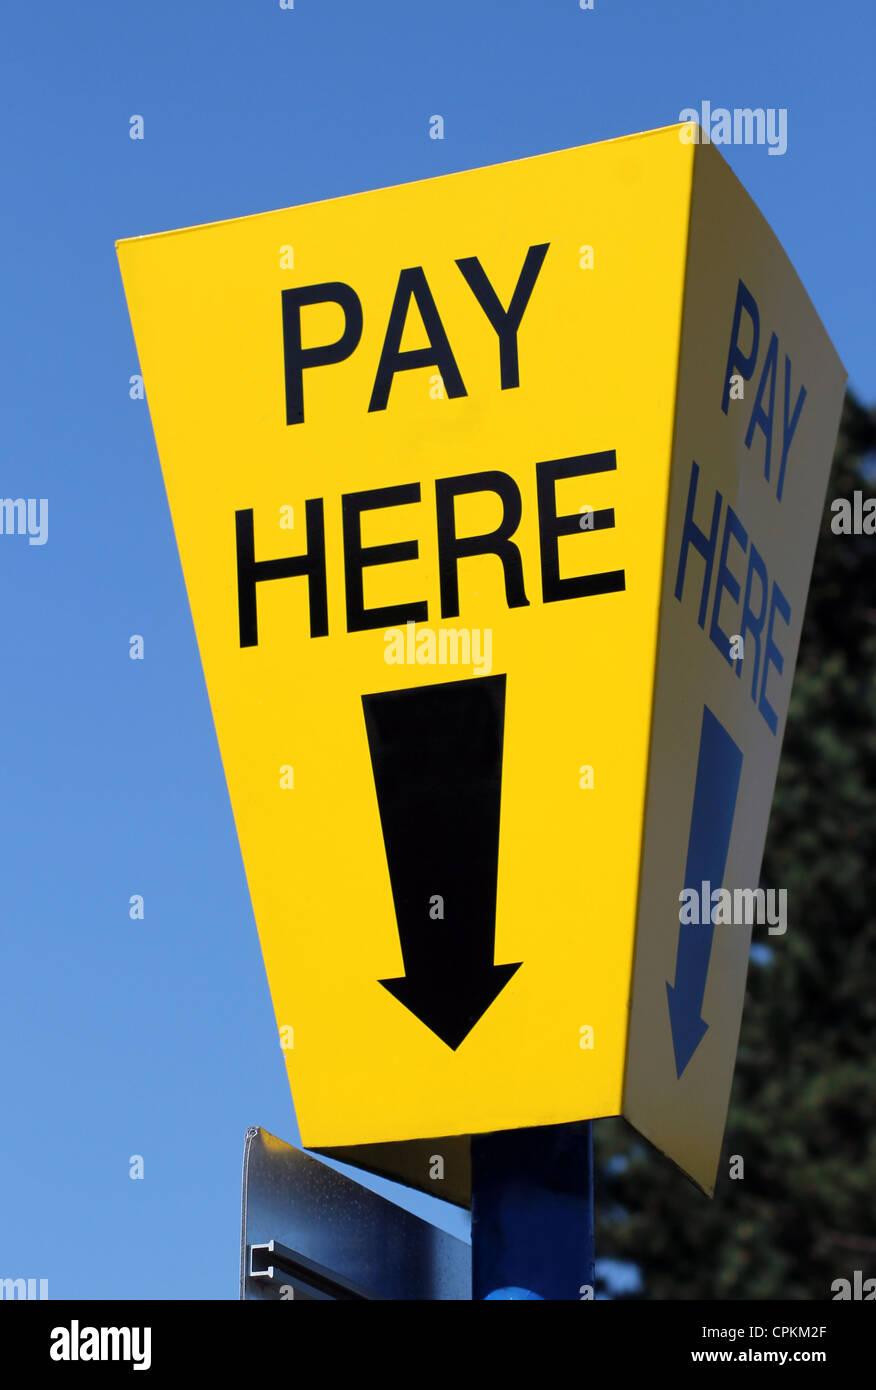 Parking voiture jaune payer ici signer avec fond de ciel bleu et de flèche directionnelle. Photo Stock